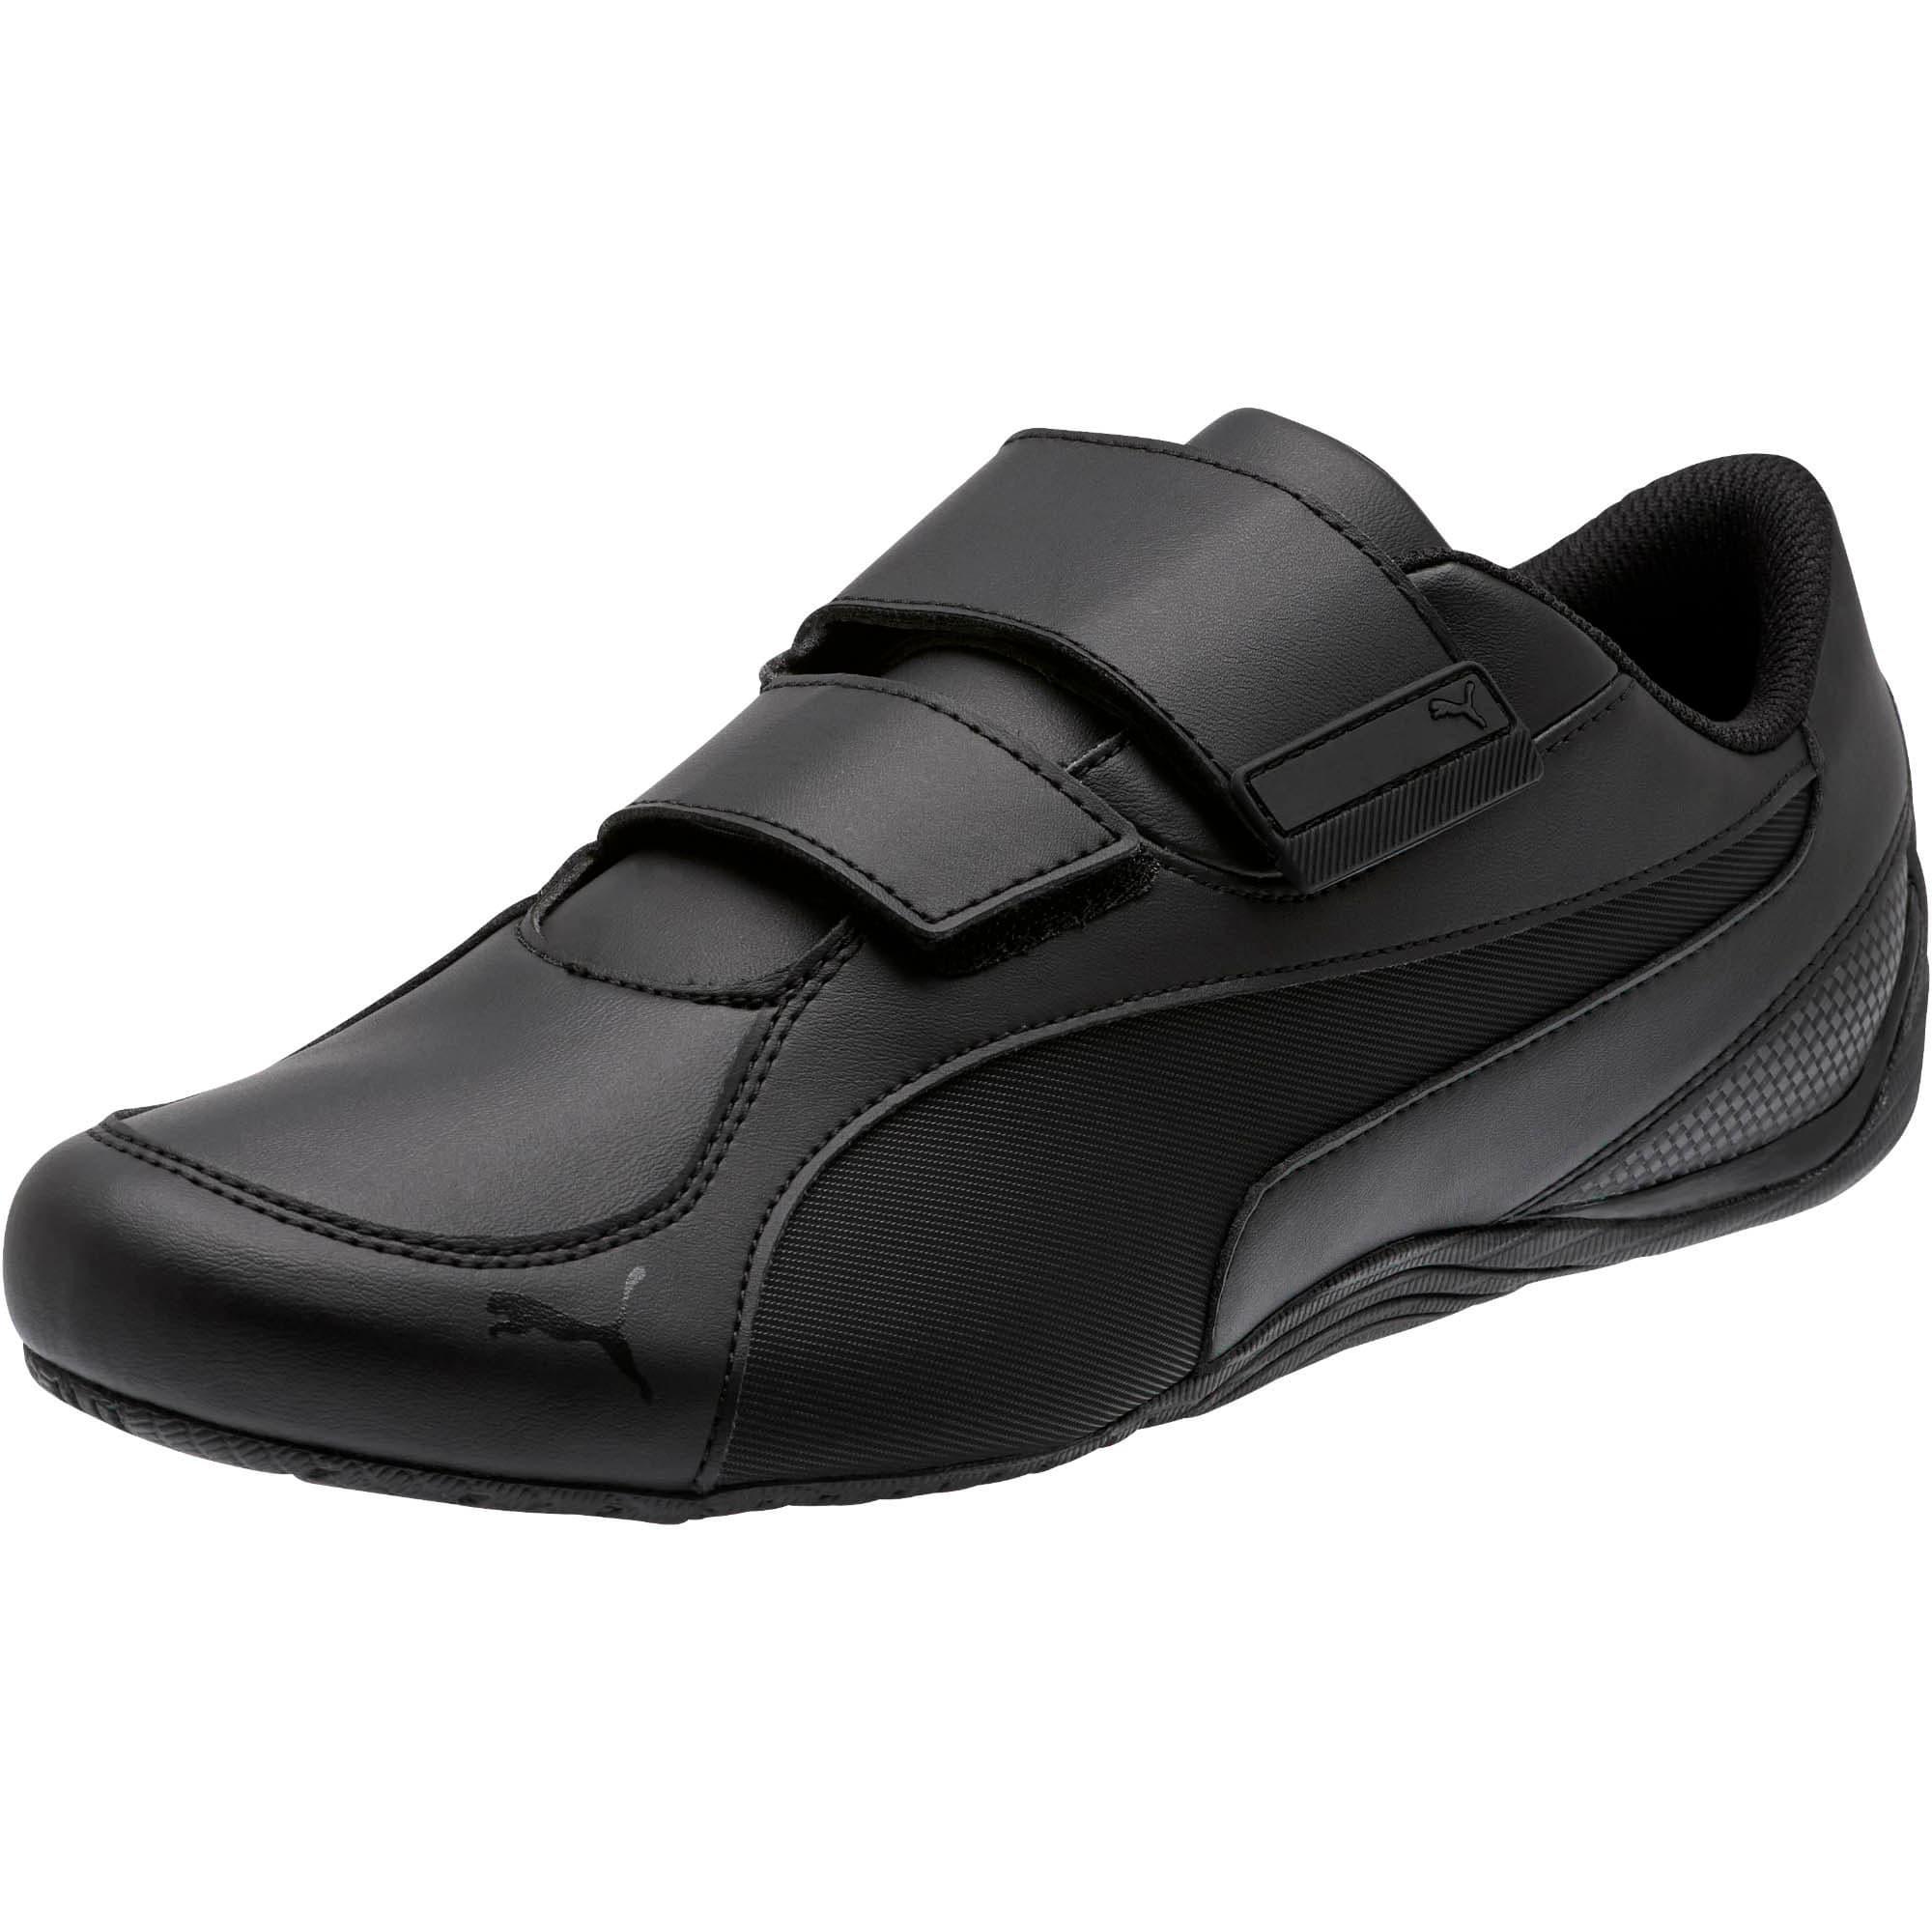 Miniatura 1 de ZapatosDrift Cat5AC para hombre, Puma Black-Puma Black, mediano